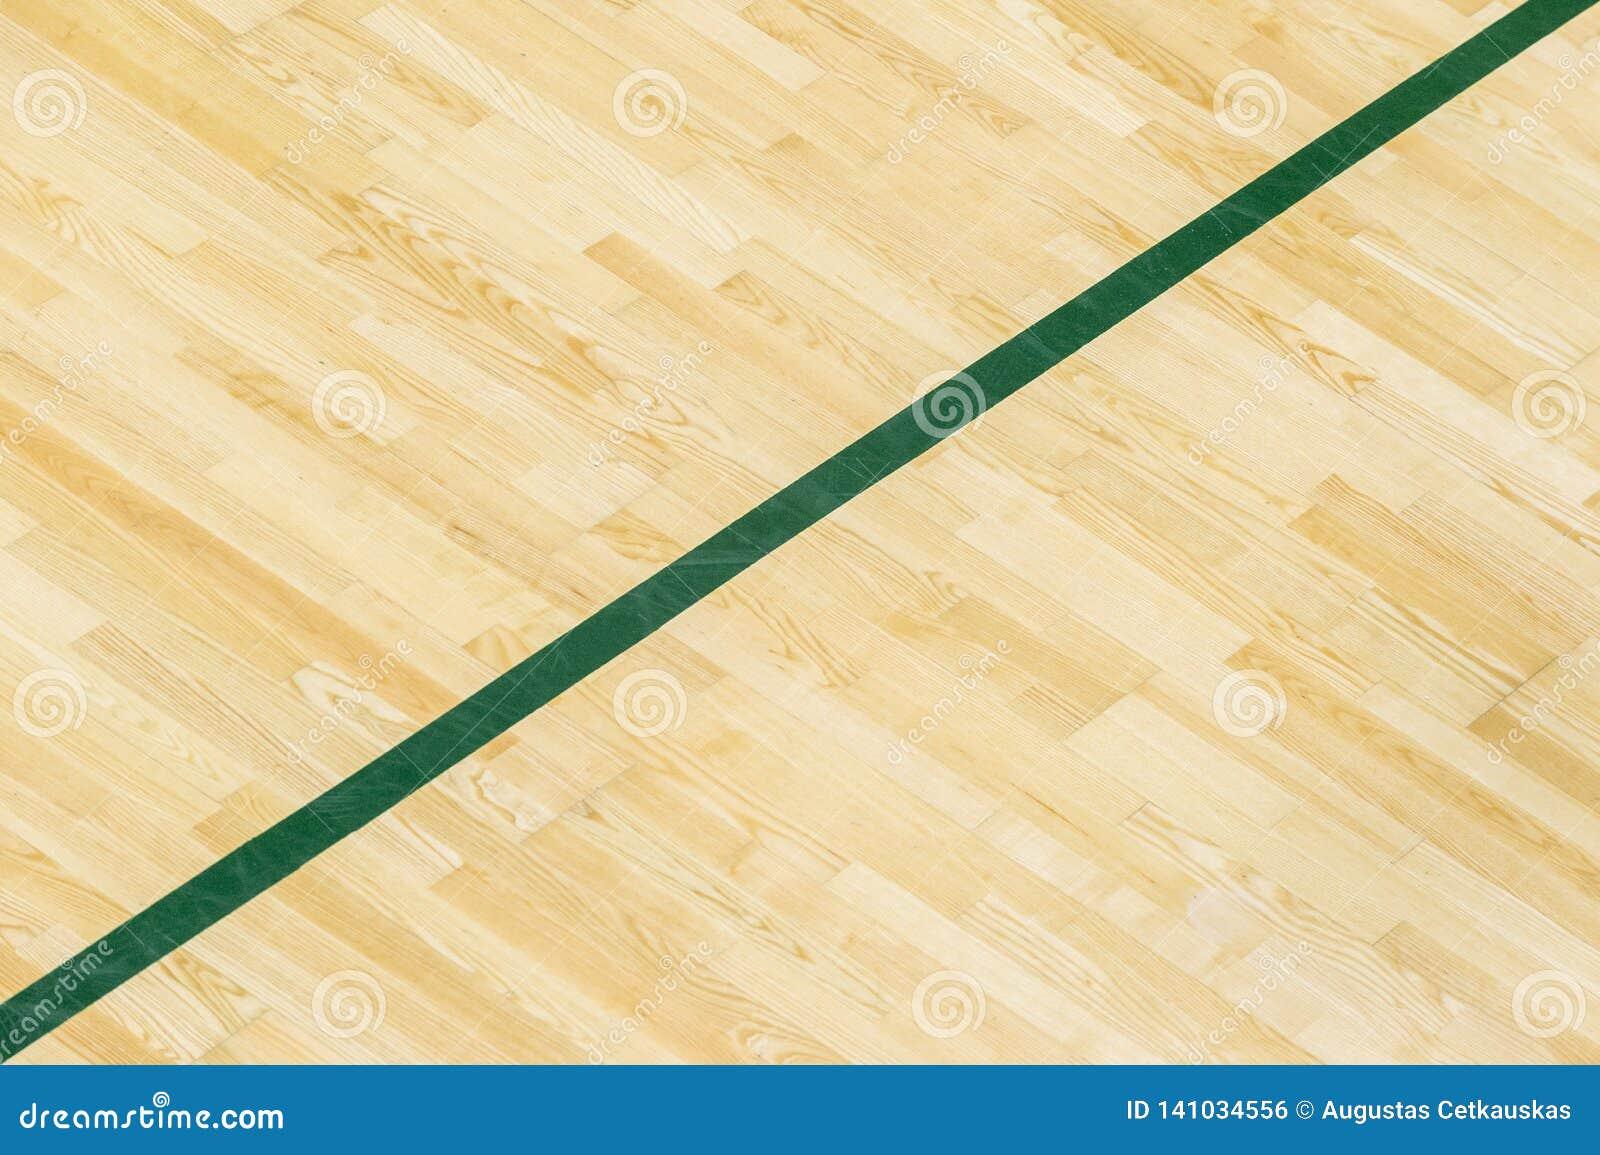 La Línea Verde en el piso del gimnasio para asigna la corte de los deportes Bádminton, Futsal, voleibol y cancha de básquet